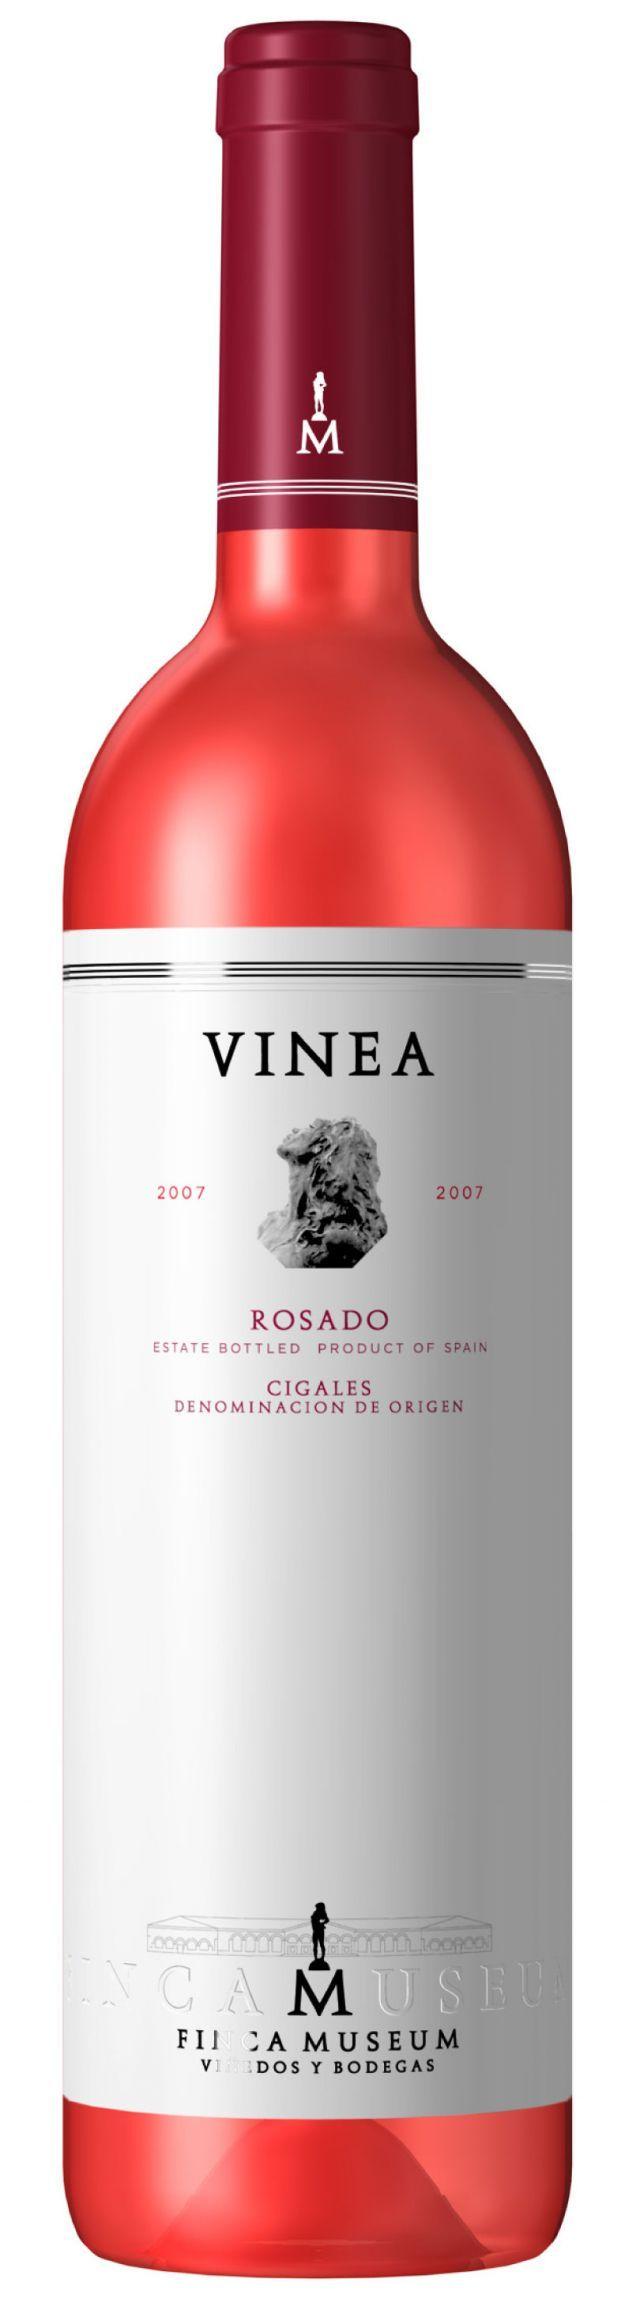 Vinea Rosado de la Bodega Museum de Cigales, mejor puntuación en la Guía de los Vinos Cotidianos https://www.vinetur.com/posts/1341-vinea-rosado-de-la-bodega-museum-de-cigales-mejor-puntuacion-en-la-guia-de-los-vinos-cotidianos.html